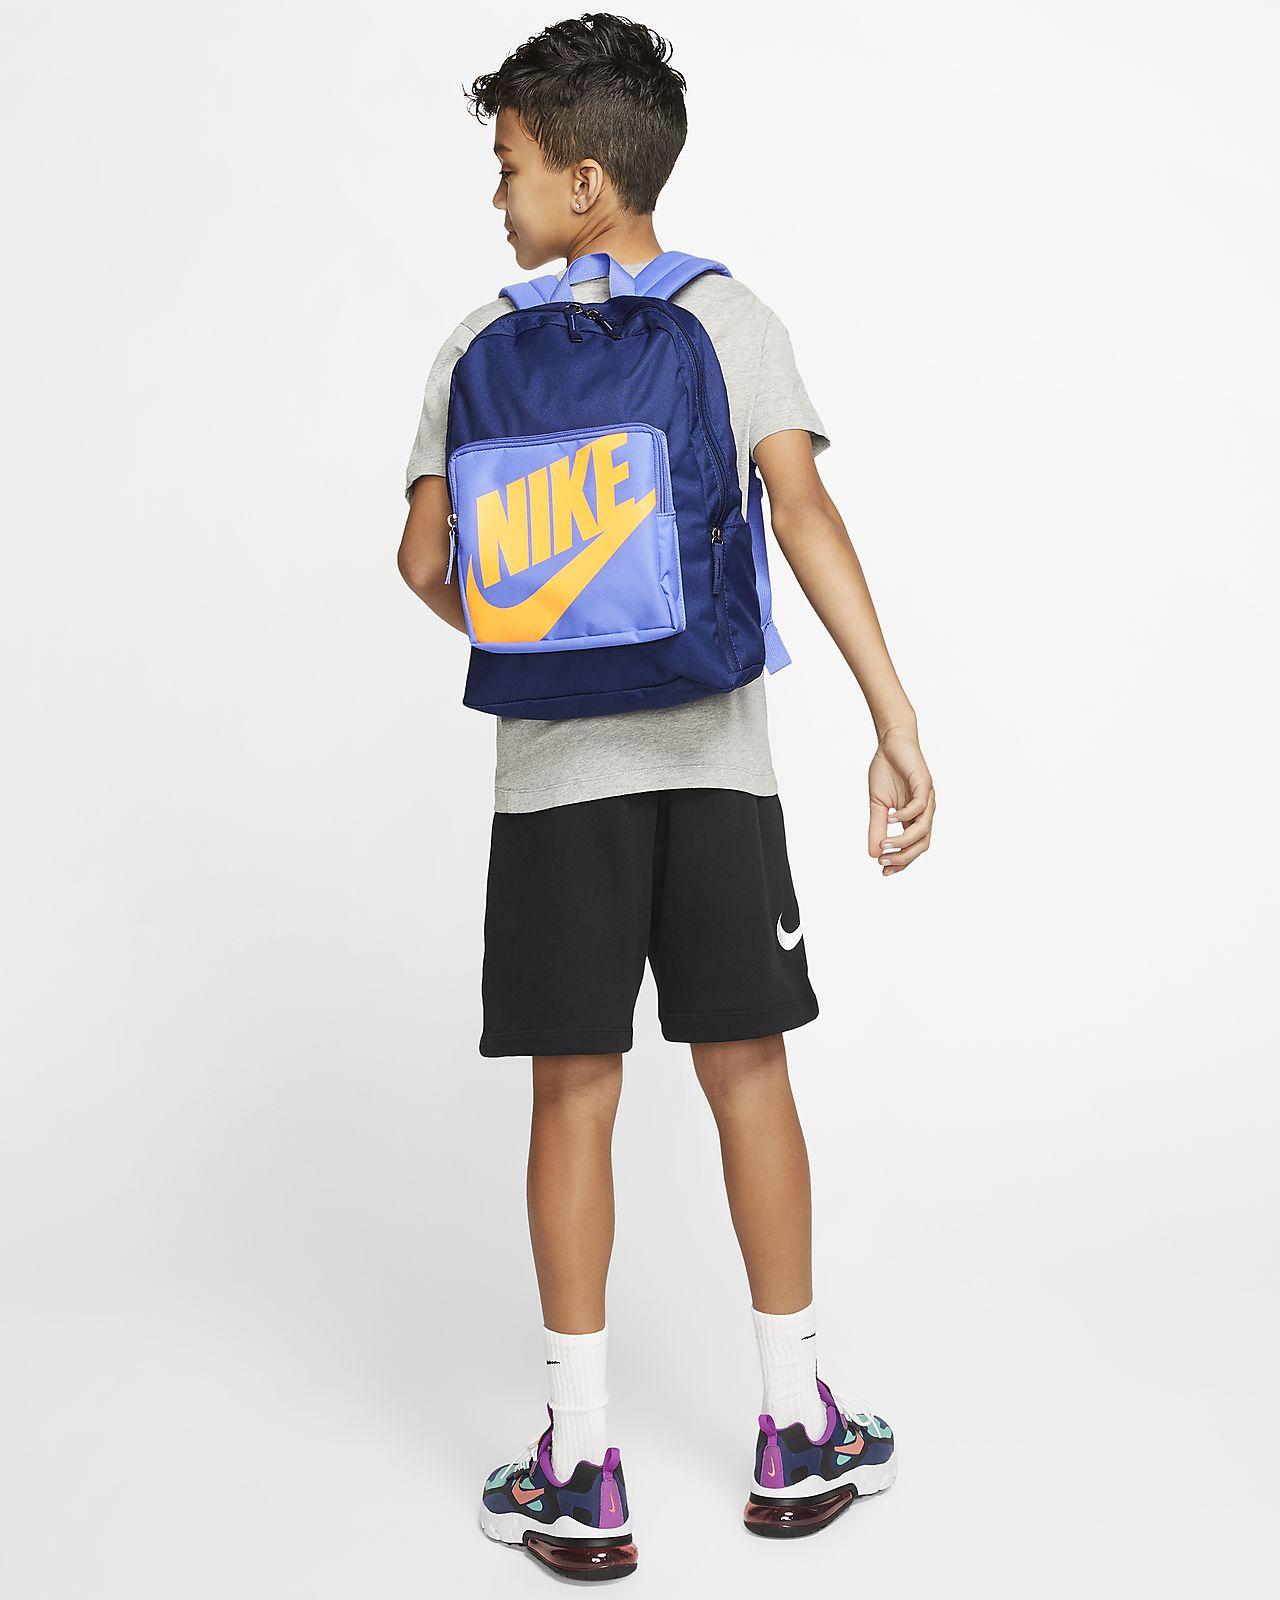 Nike Classic Kids' Backpack. Nike DK